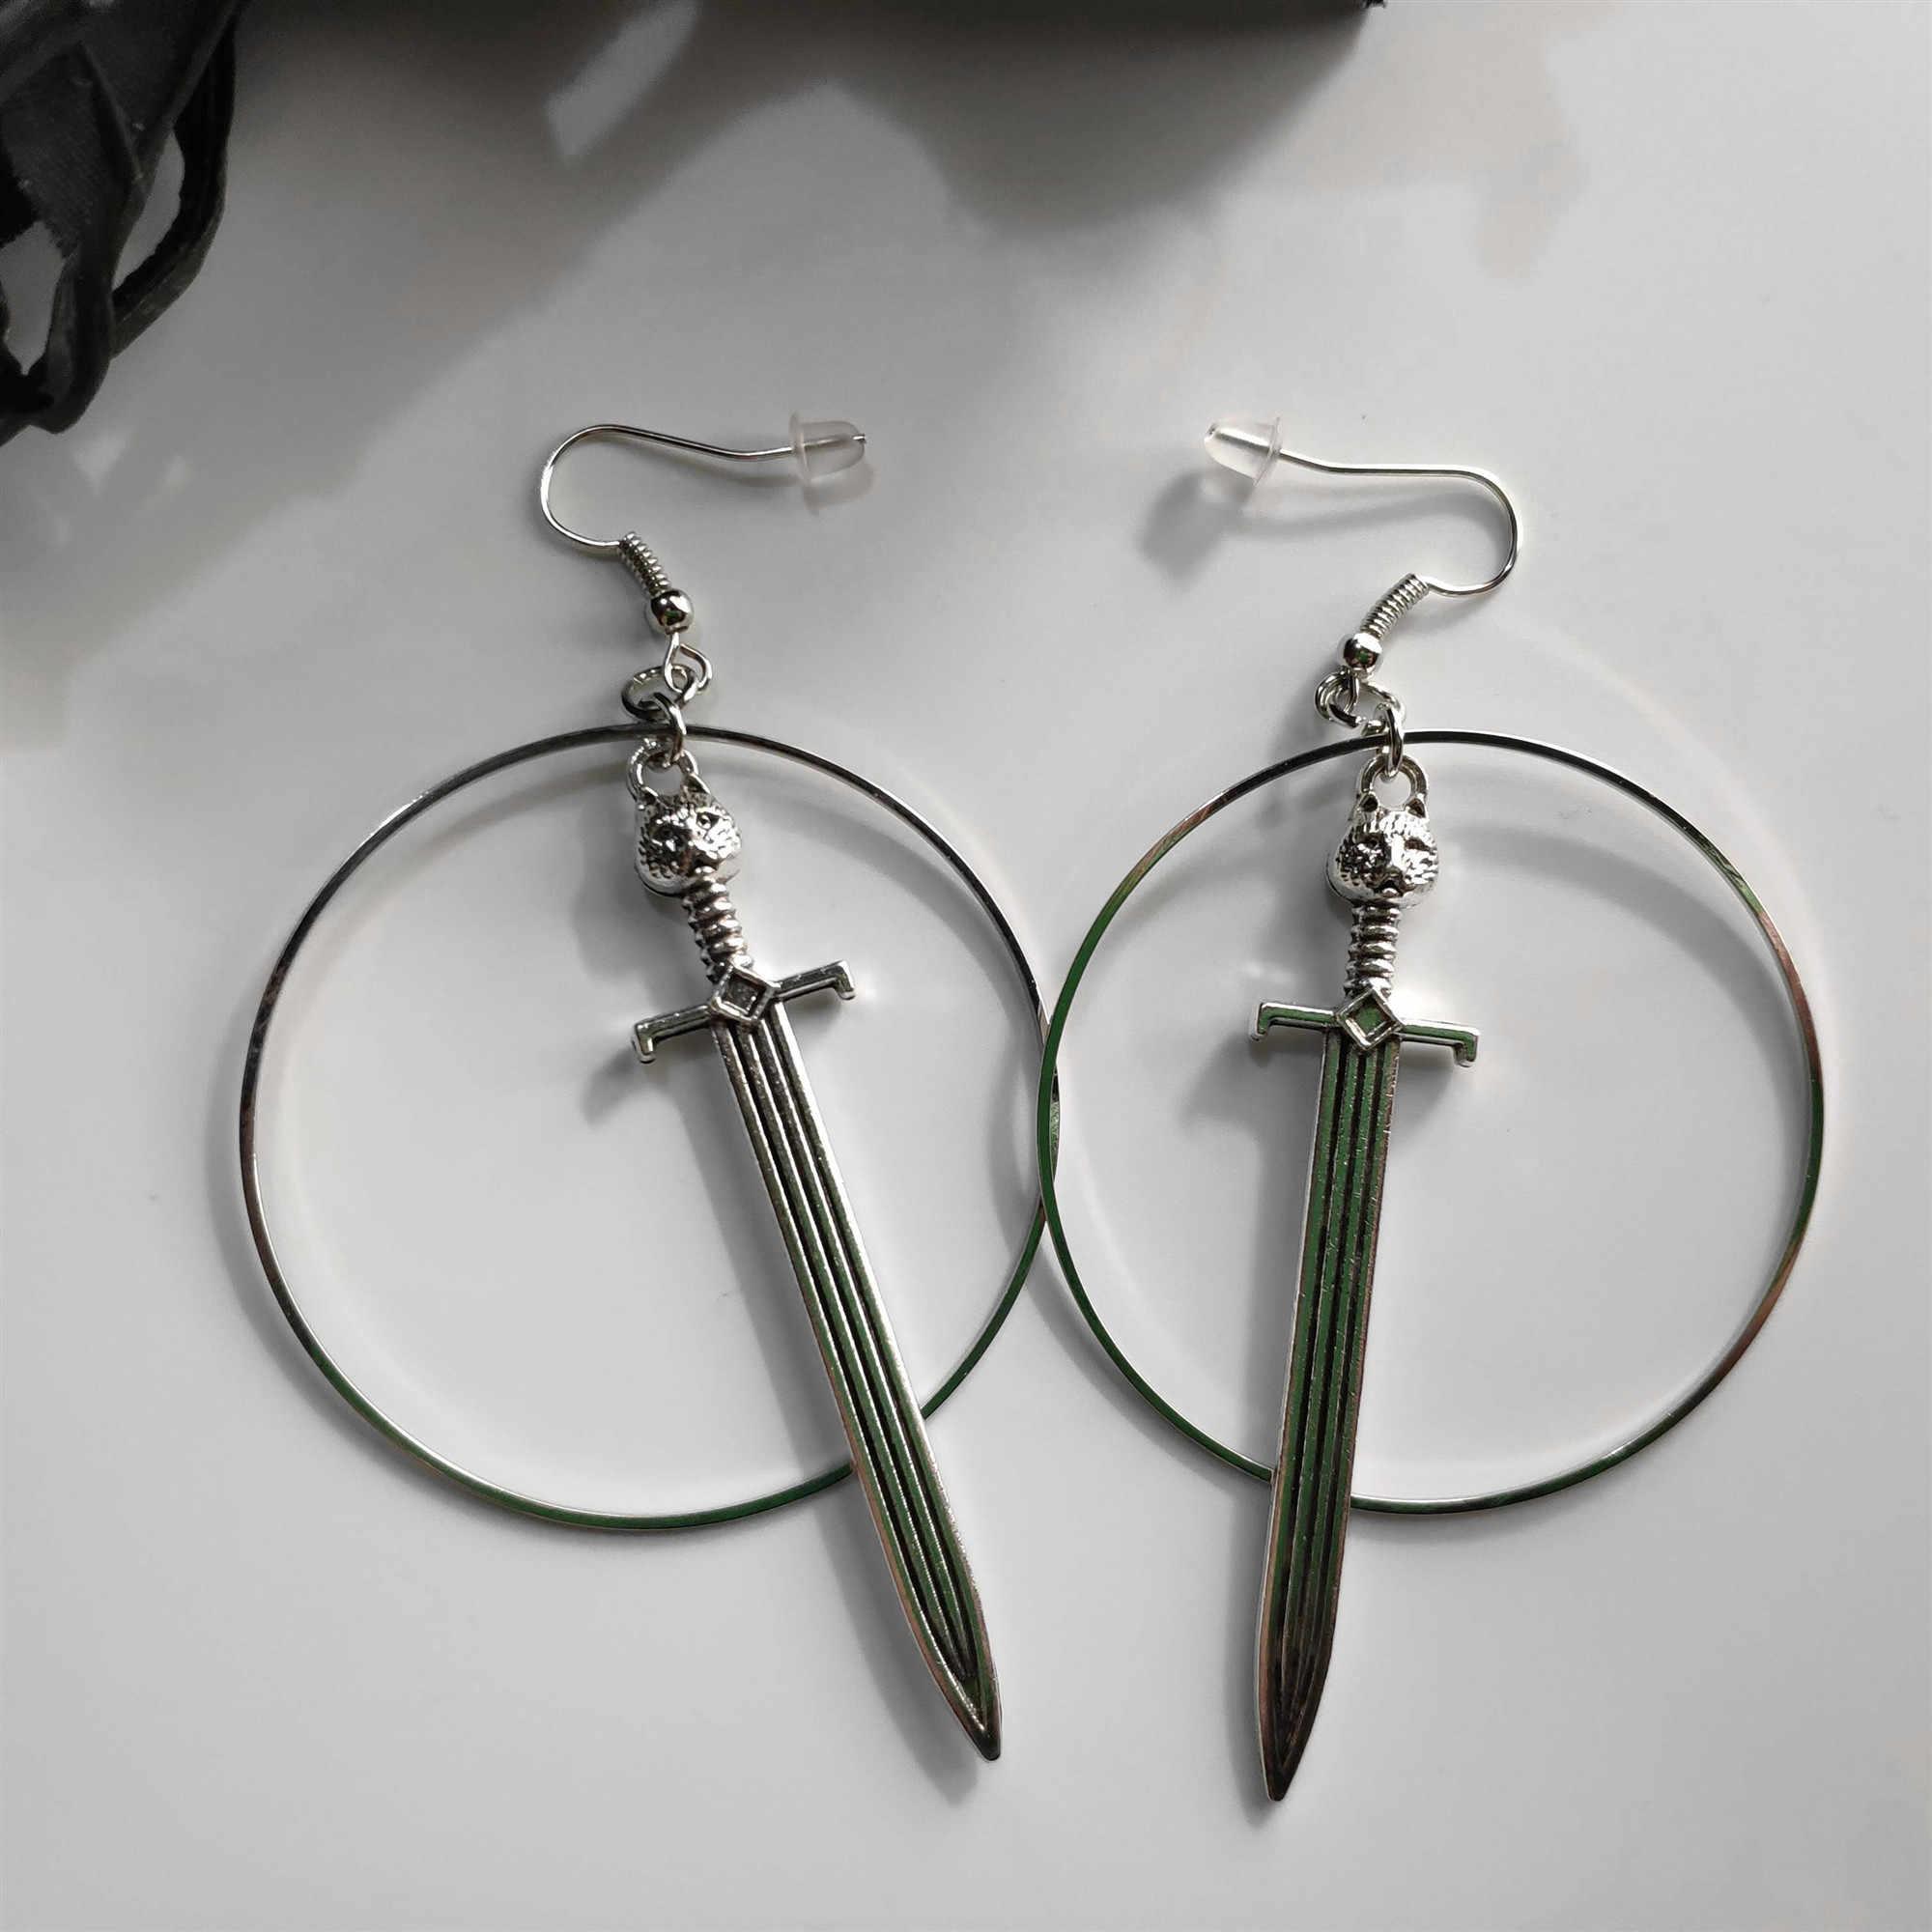 Espada brincos de argola brincos guerreiro grande gato espada brincos com aros prata espada brincos gótico presentes clássicos para mulher